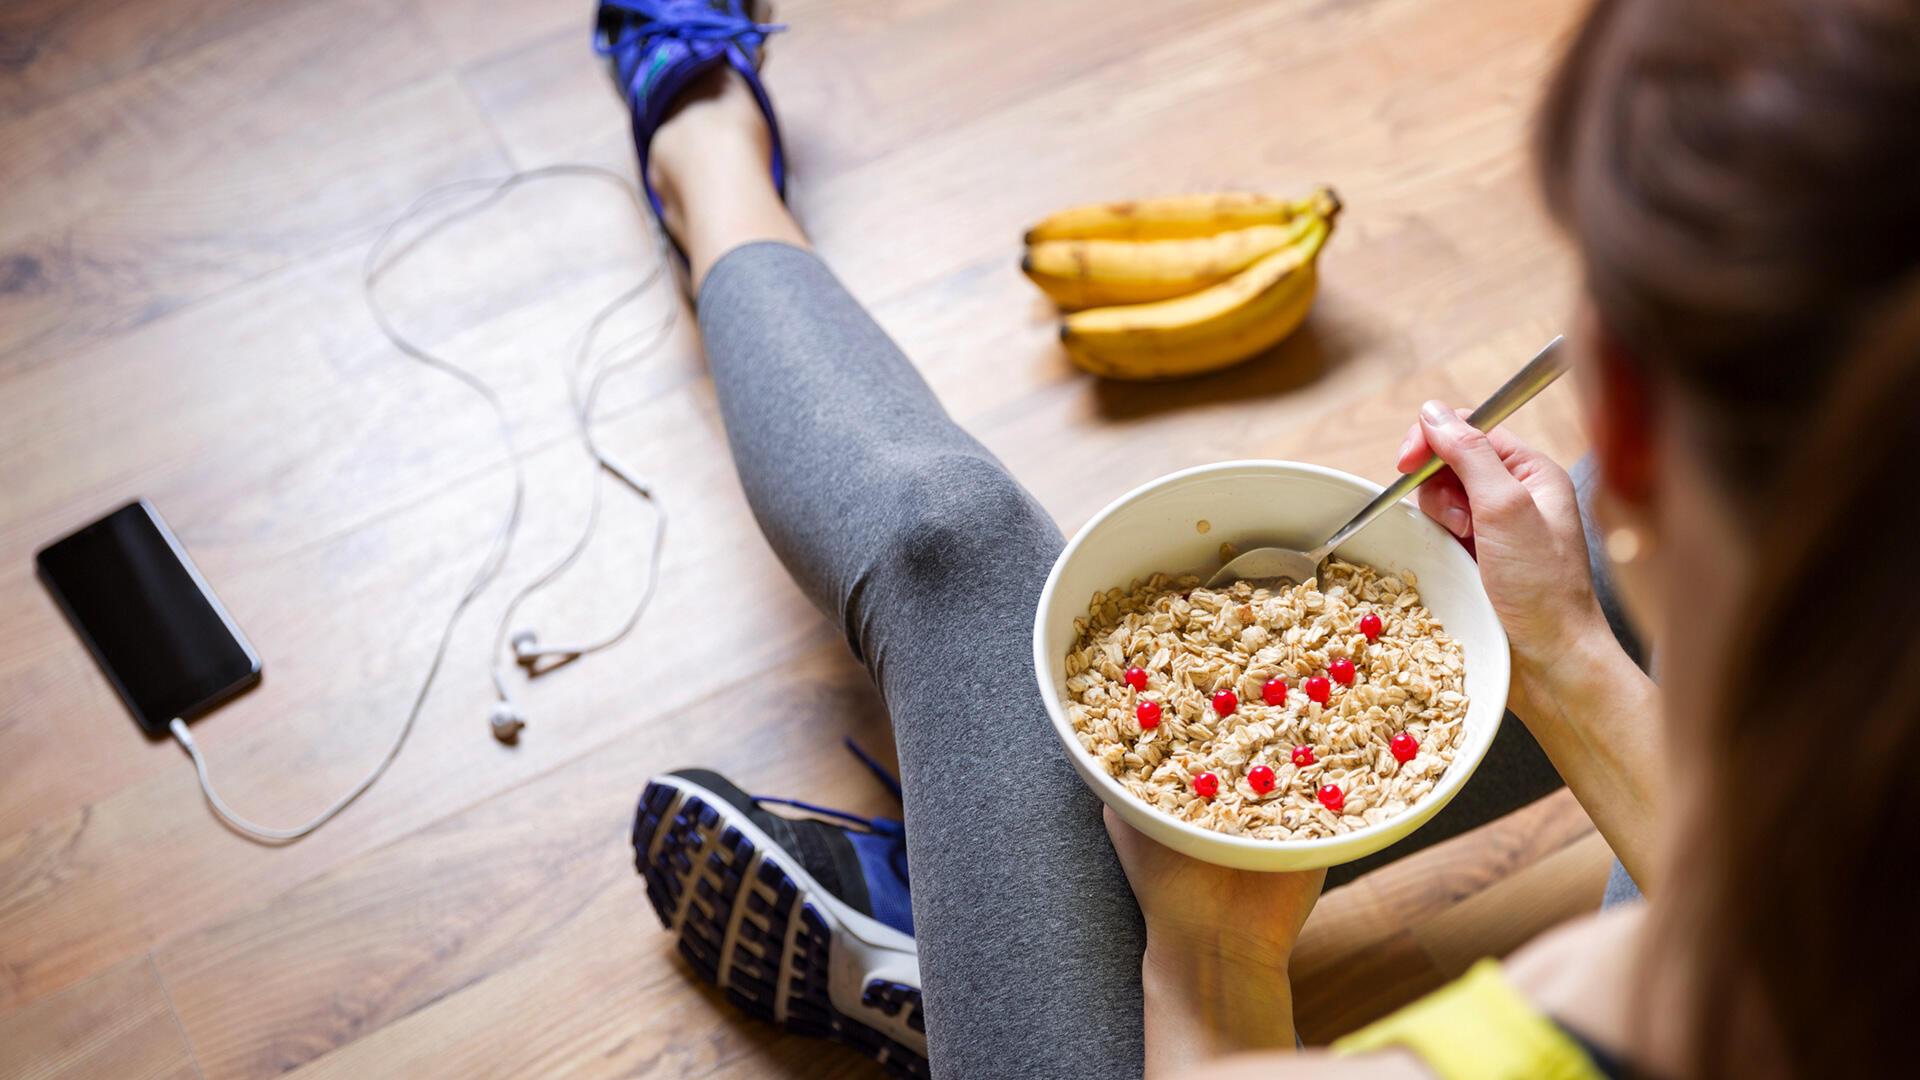 Alimentação e atividade física regular são fatores essenciais para manter a saúde e envelhecer bem, evitando doenças crônicas